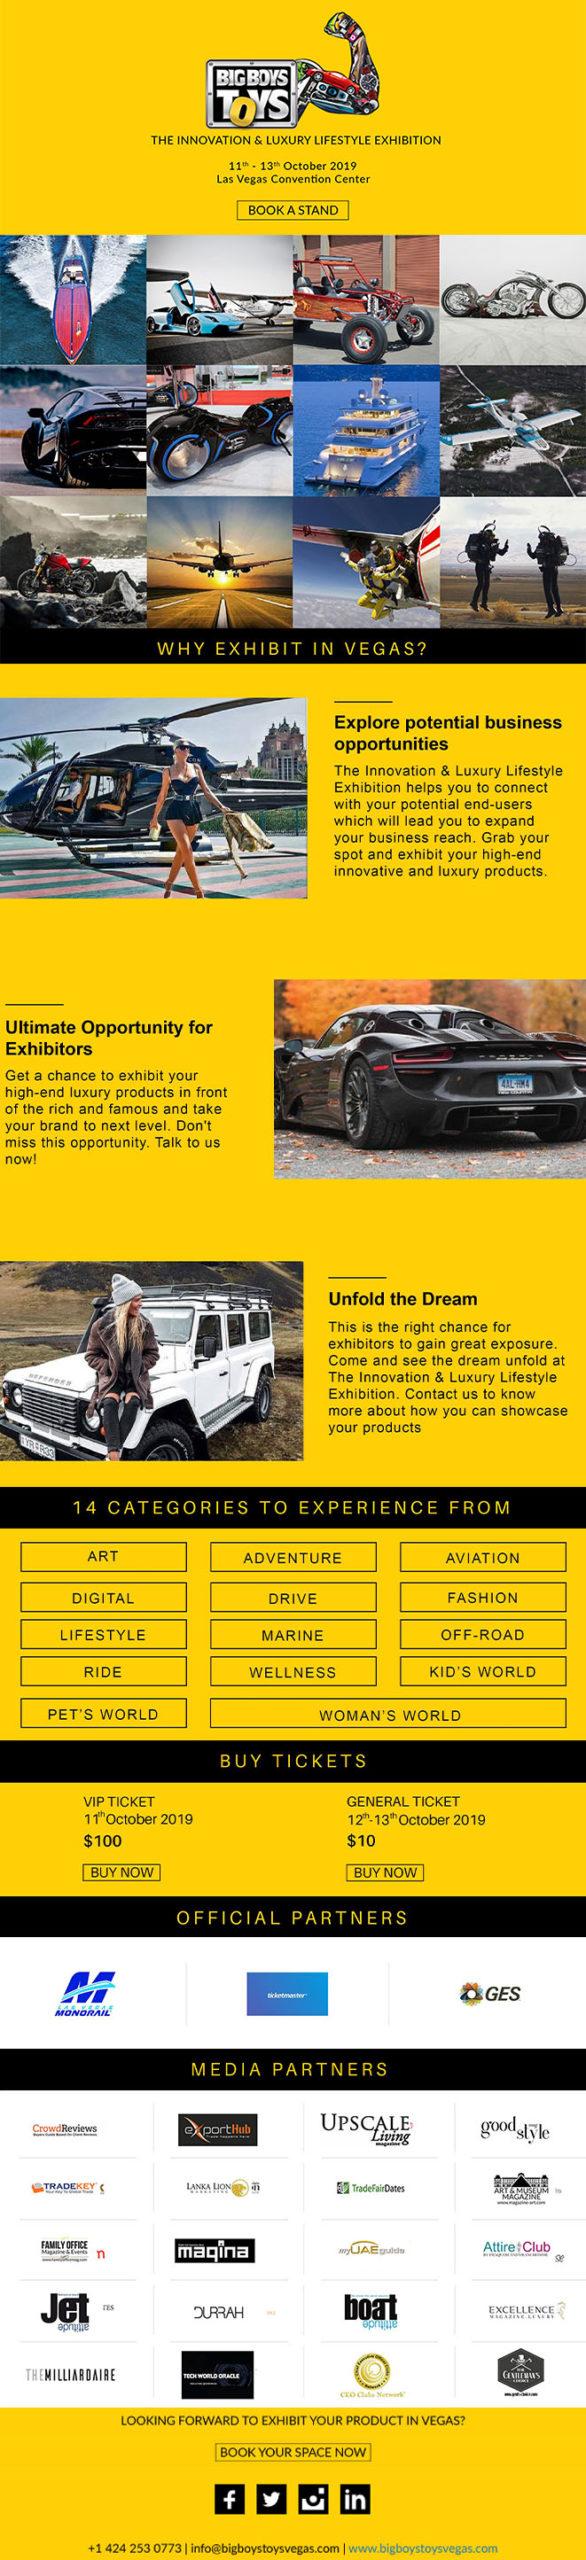 newsletter5 image